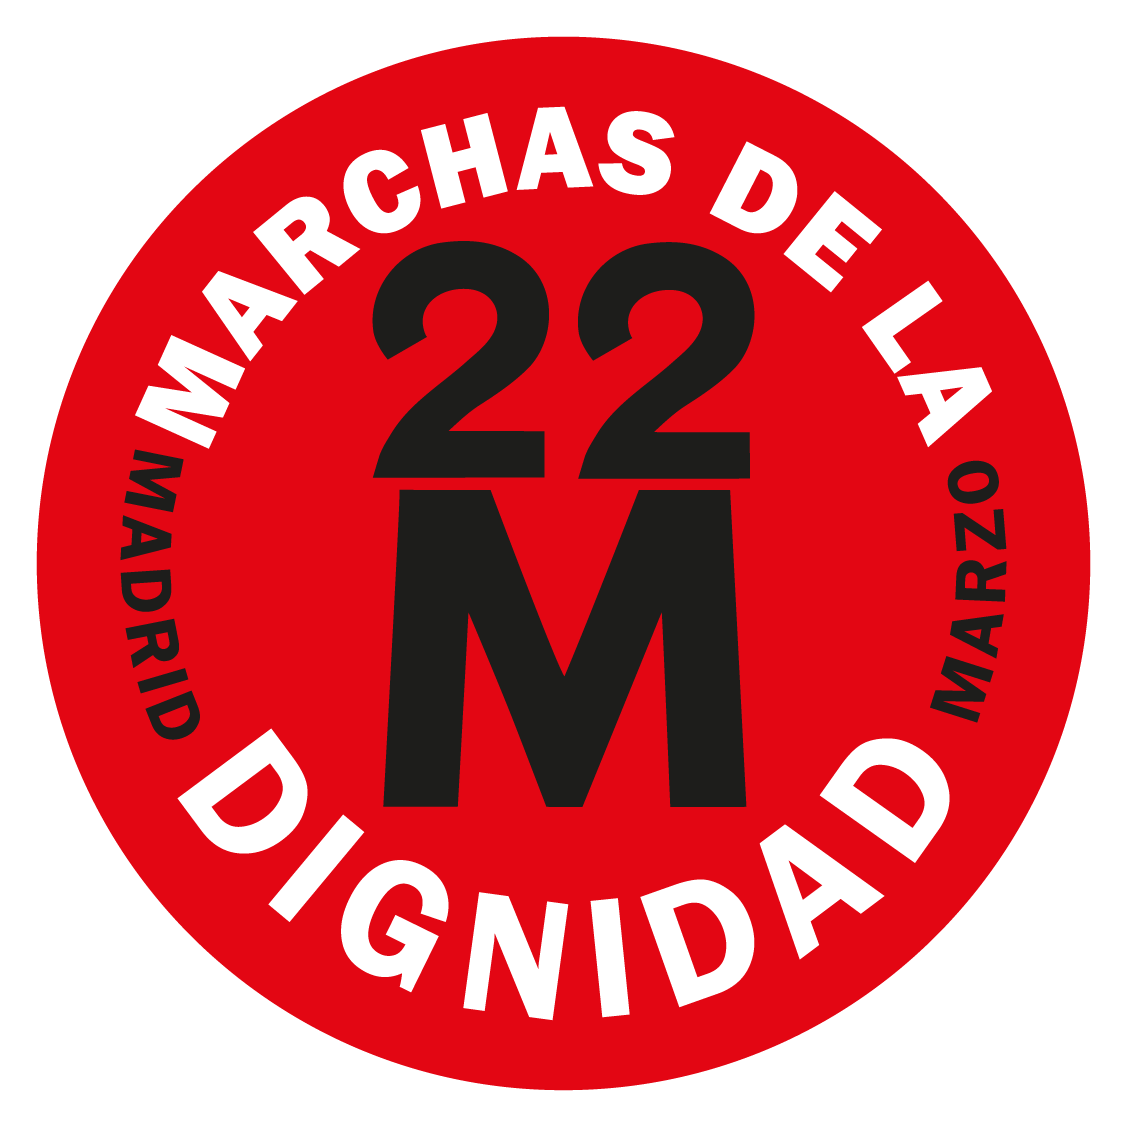 22M MARCHAS POR LA DIGNIDAD